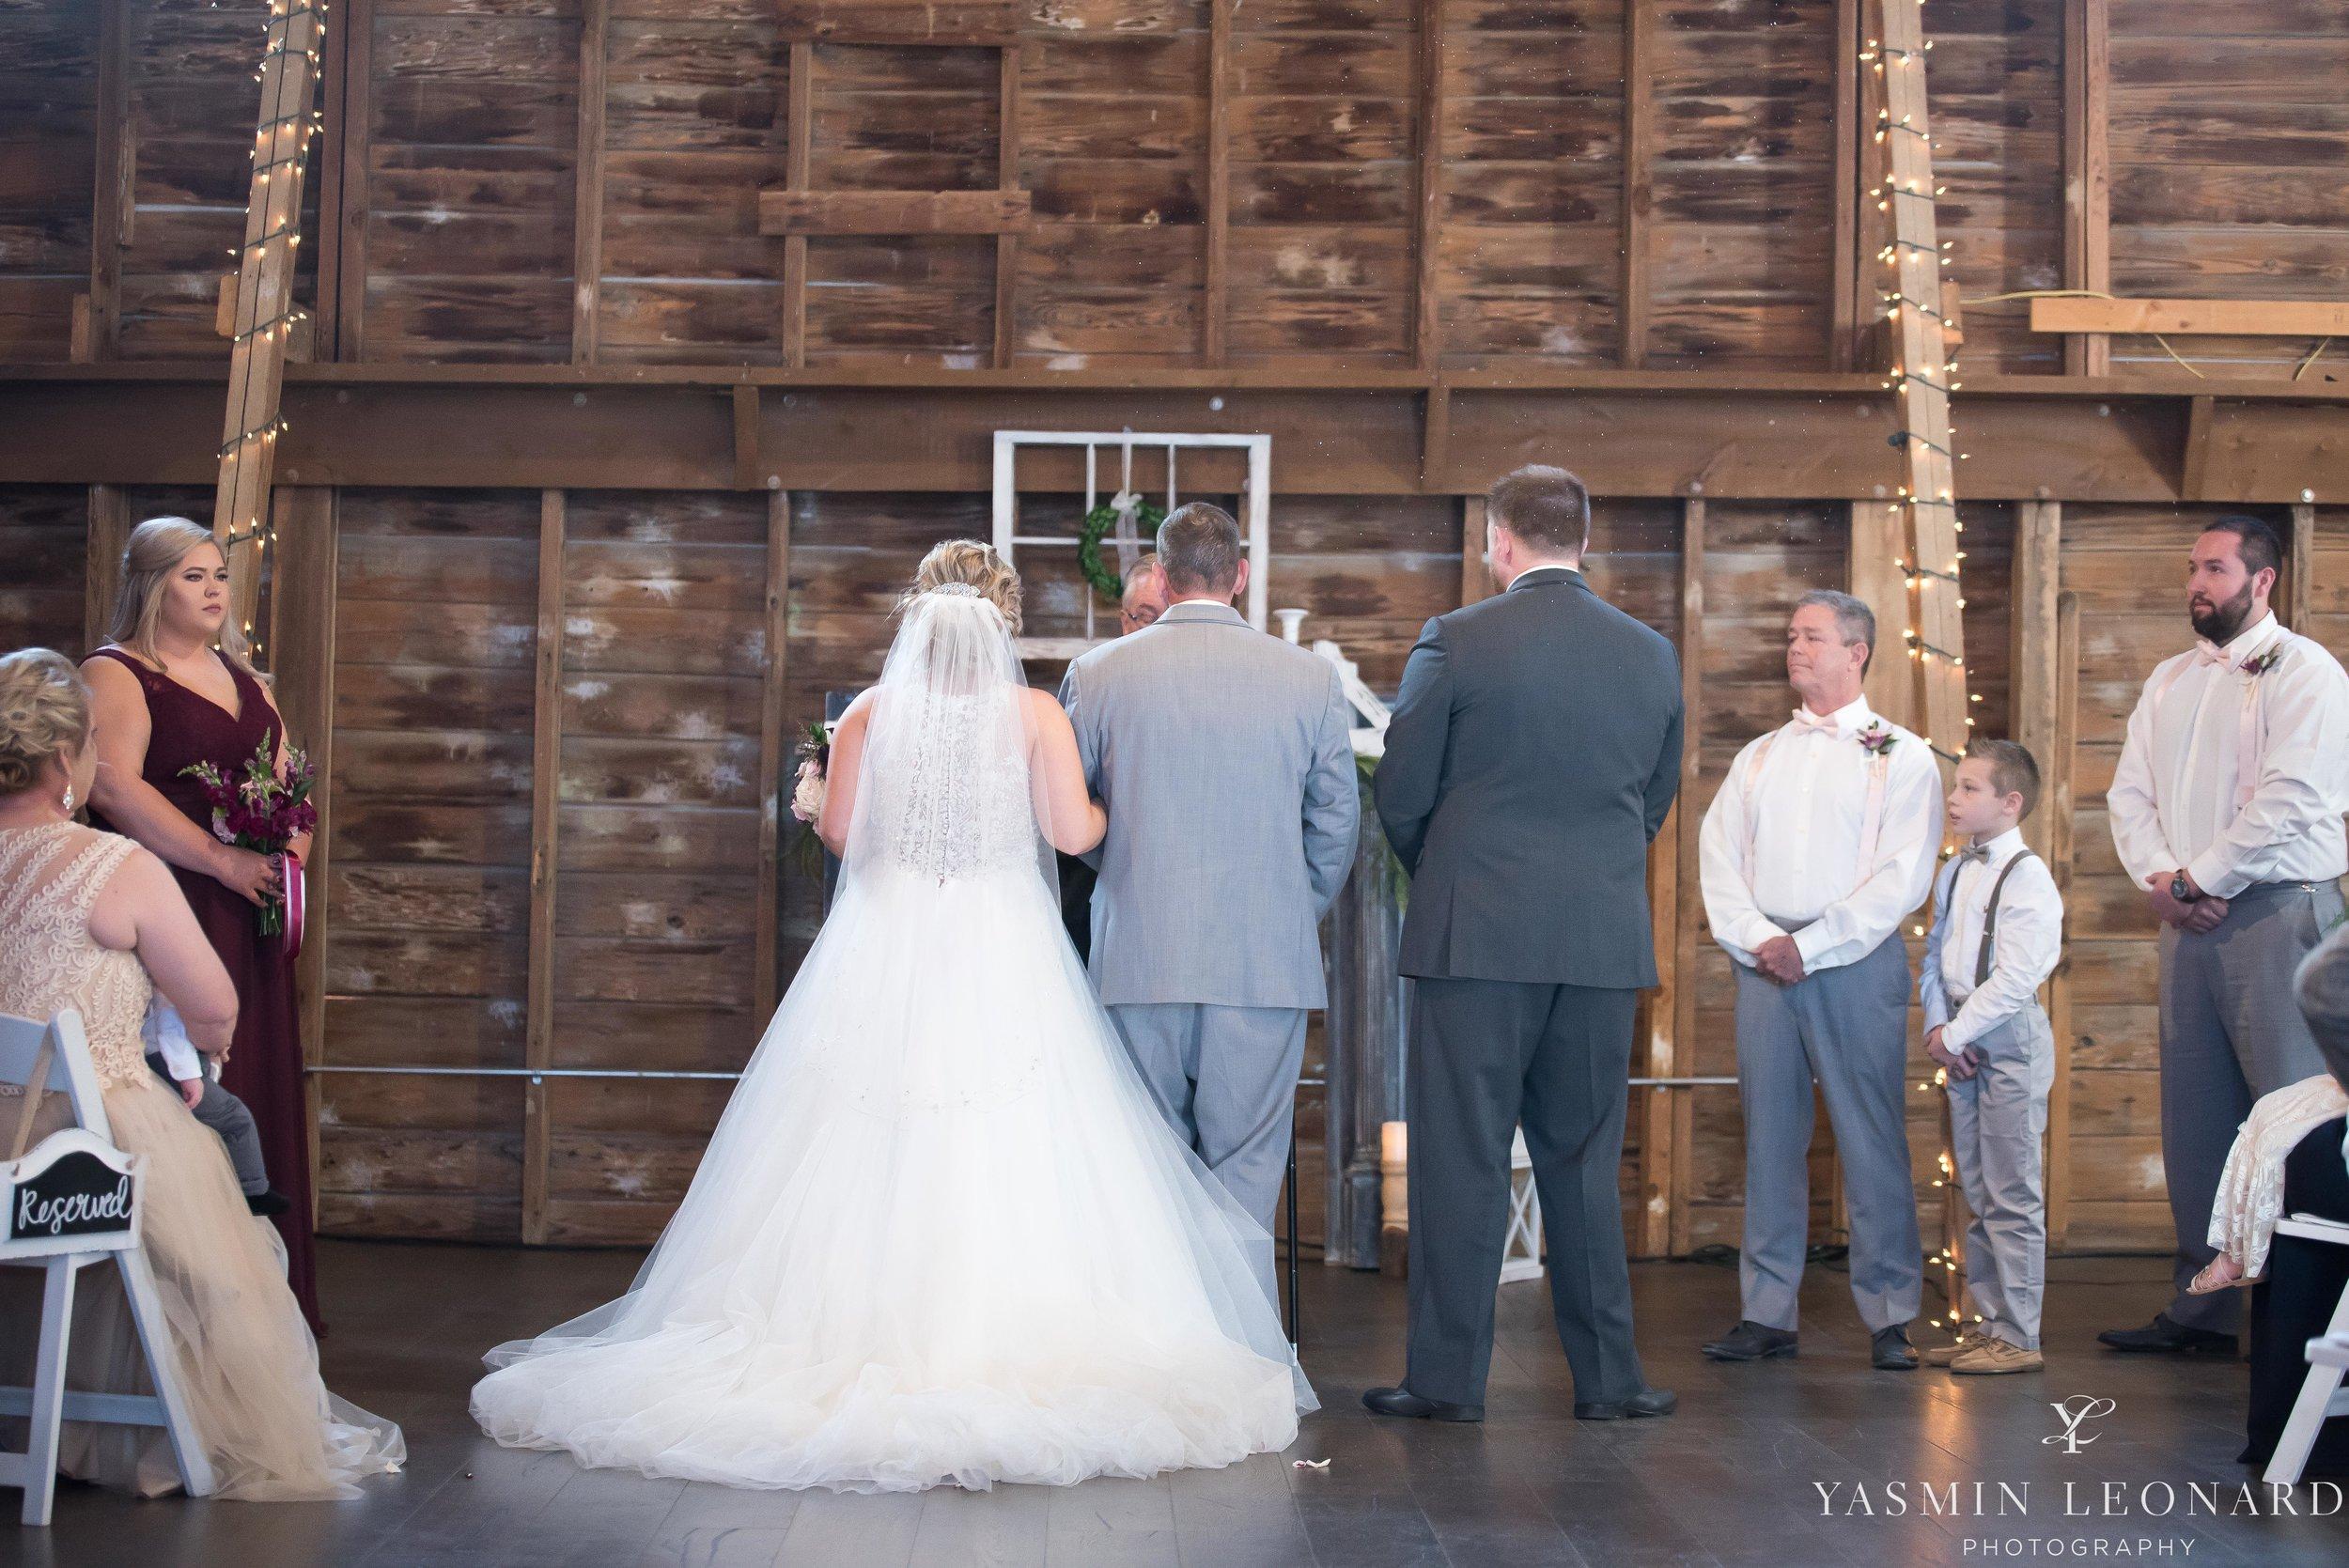 Millikan Farms - Millikan Farms Wedding - Sophia NC Wedding - NC Wedding - NC Wedding Photographer - Yasmin Leonard Photography - High Point Photographer - Barn Wedding - Wedding Venues in NC - Triad Wedding Photographer-43.jpg